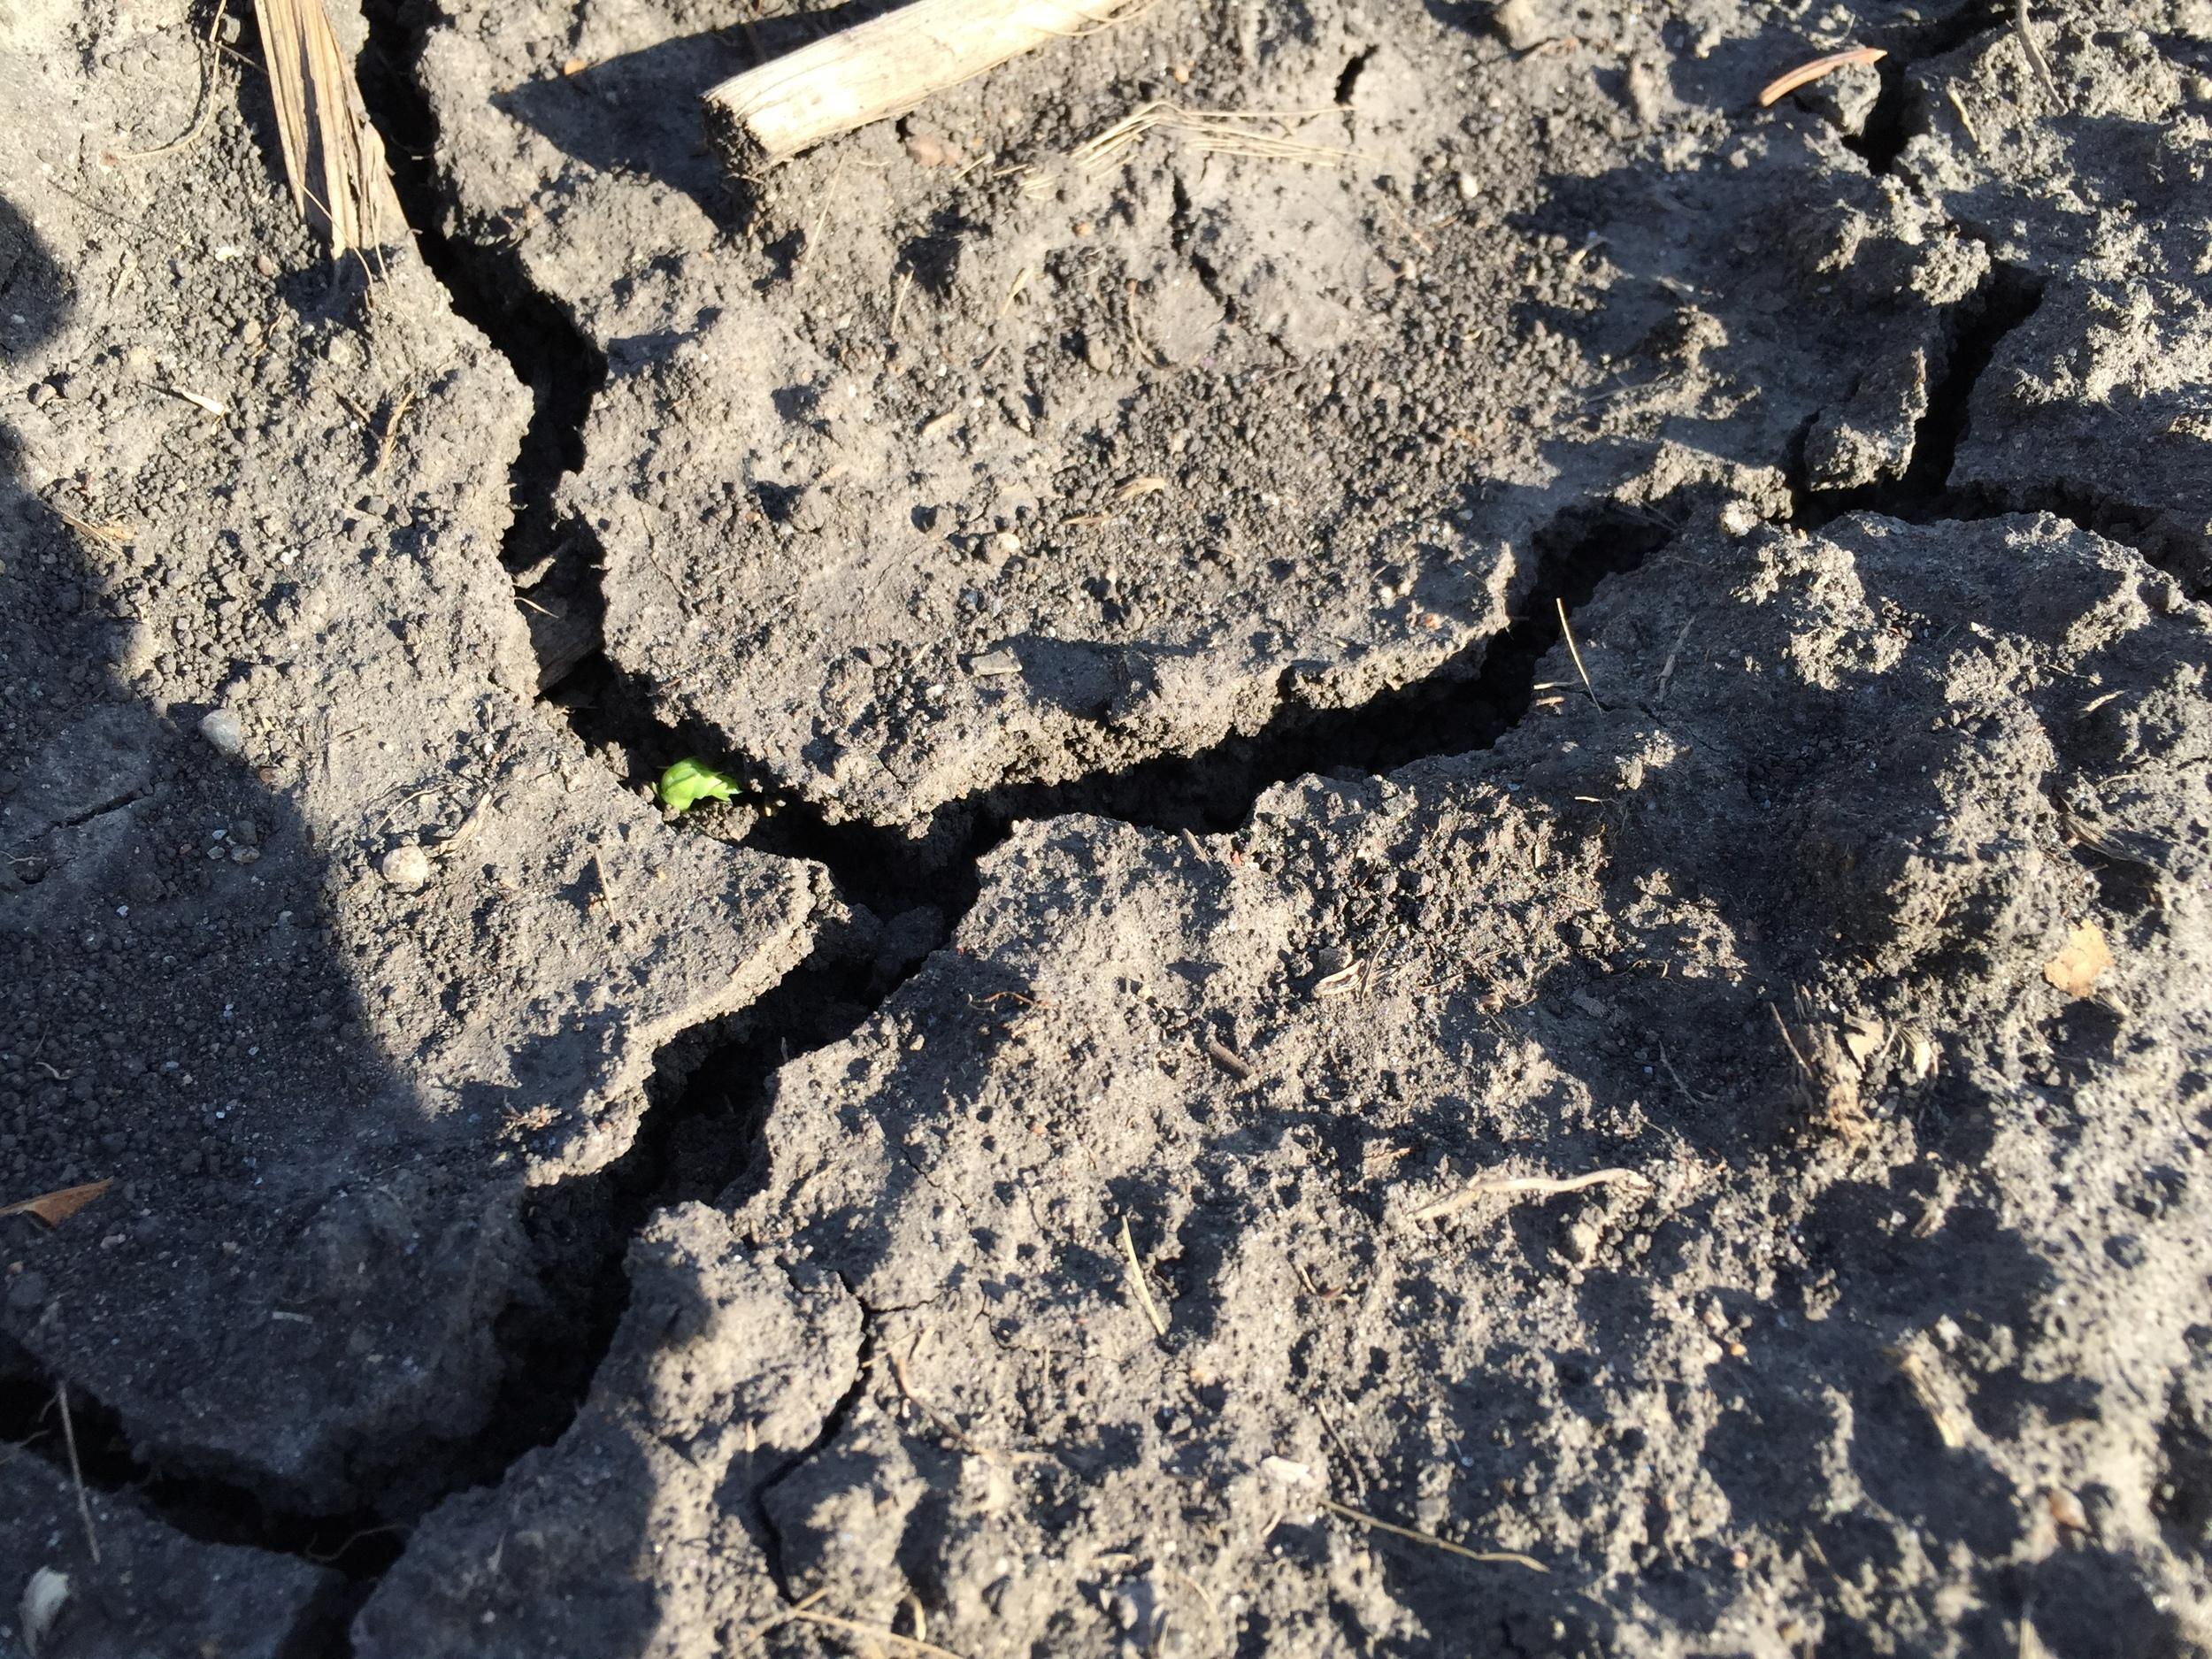 Peas are poking through the soil.